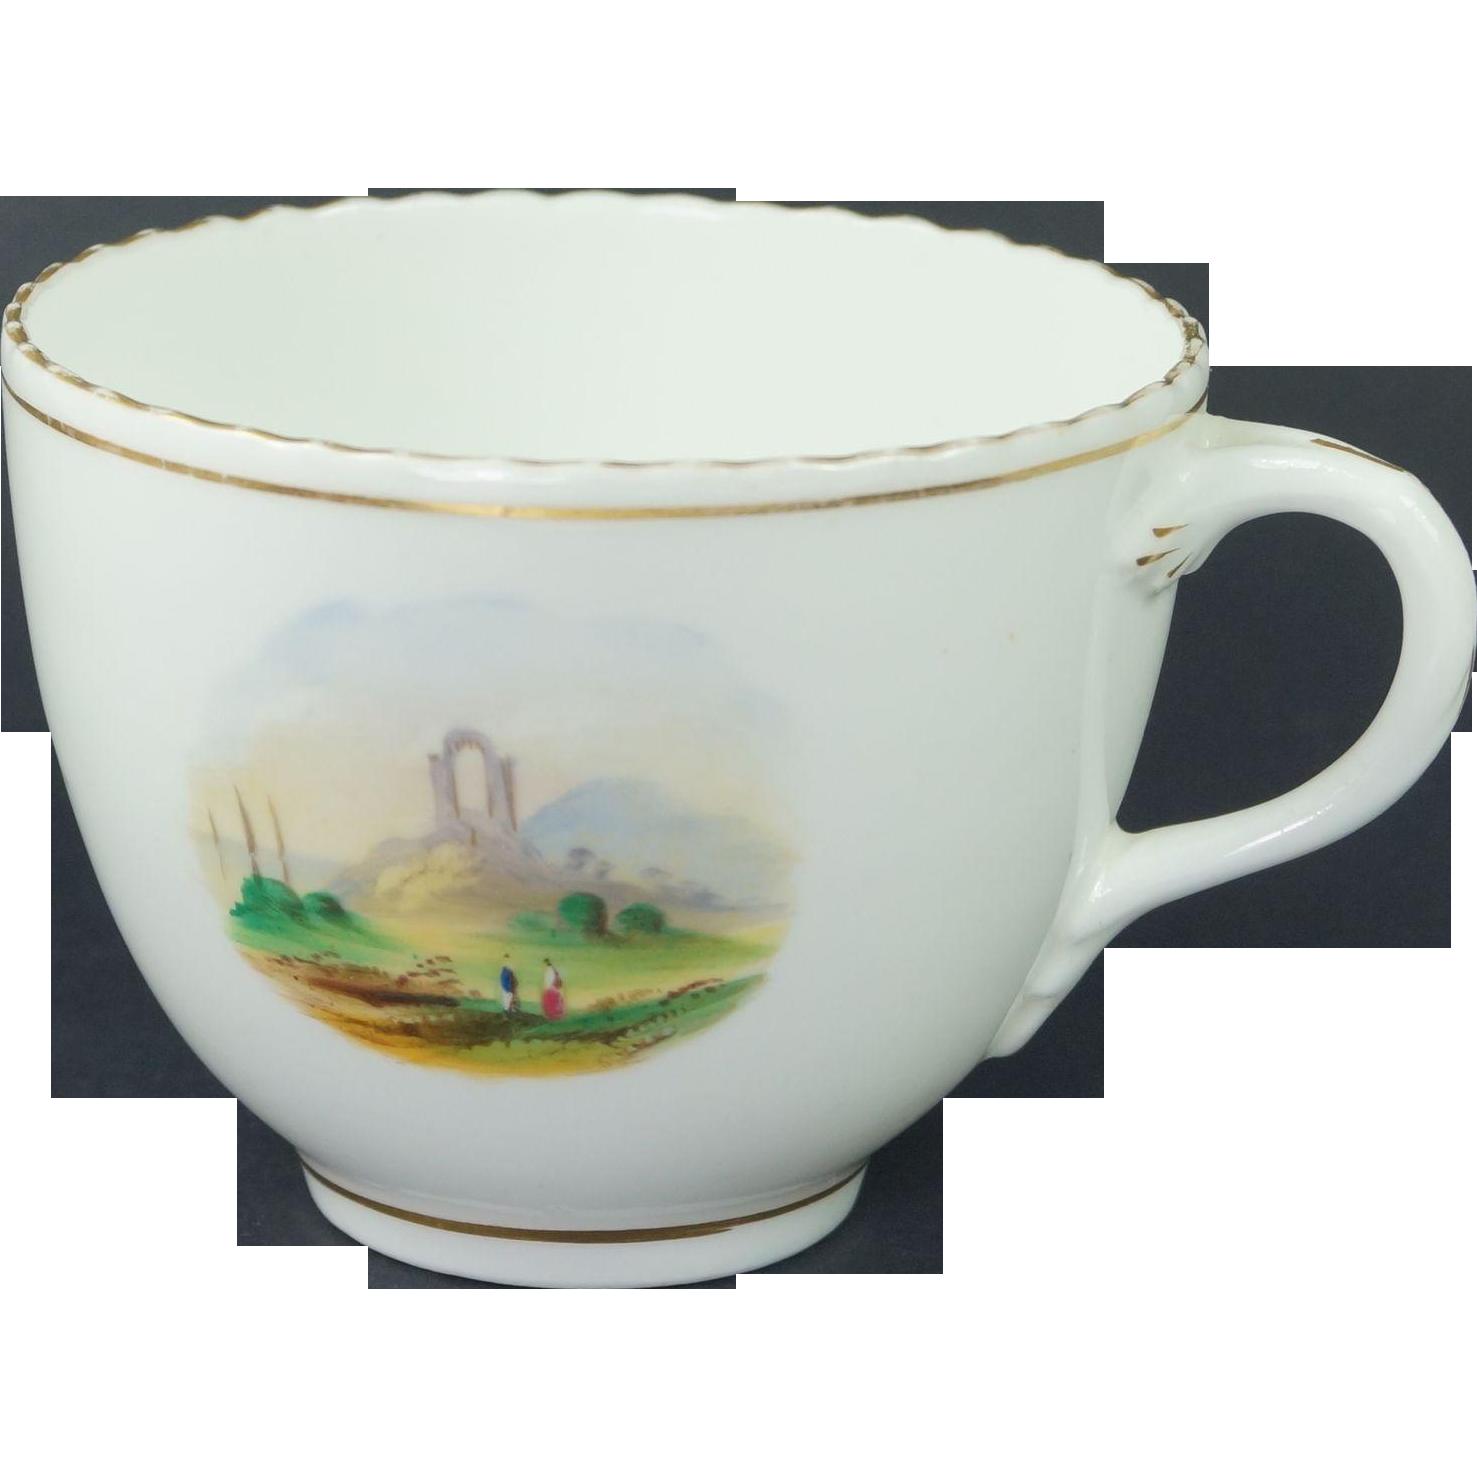 Antique Circa 1830 Porcelain Cup Hand Painted Landscape Scene English